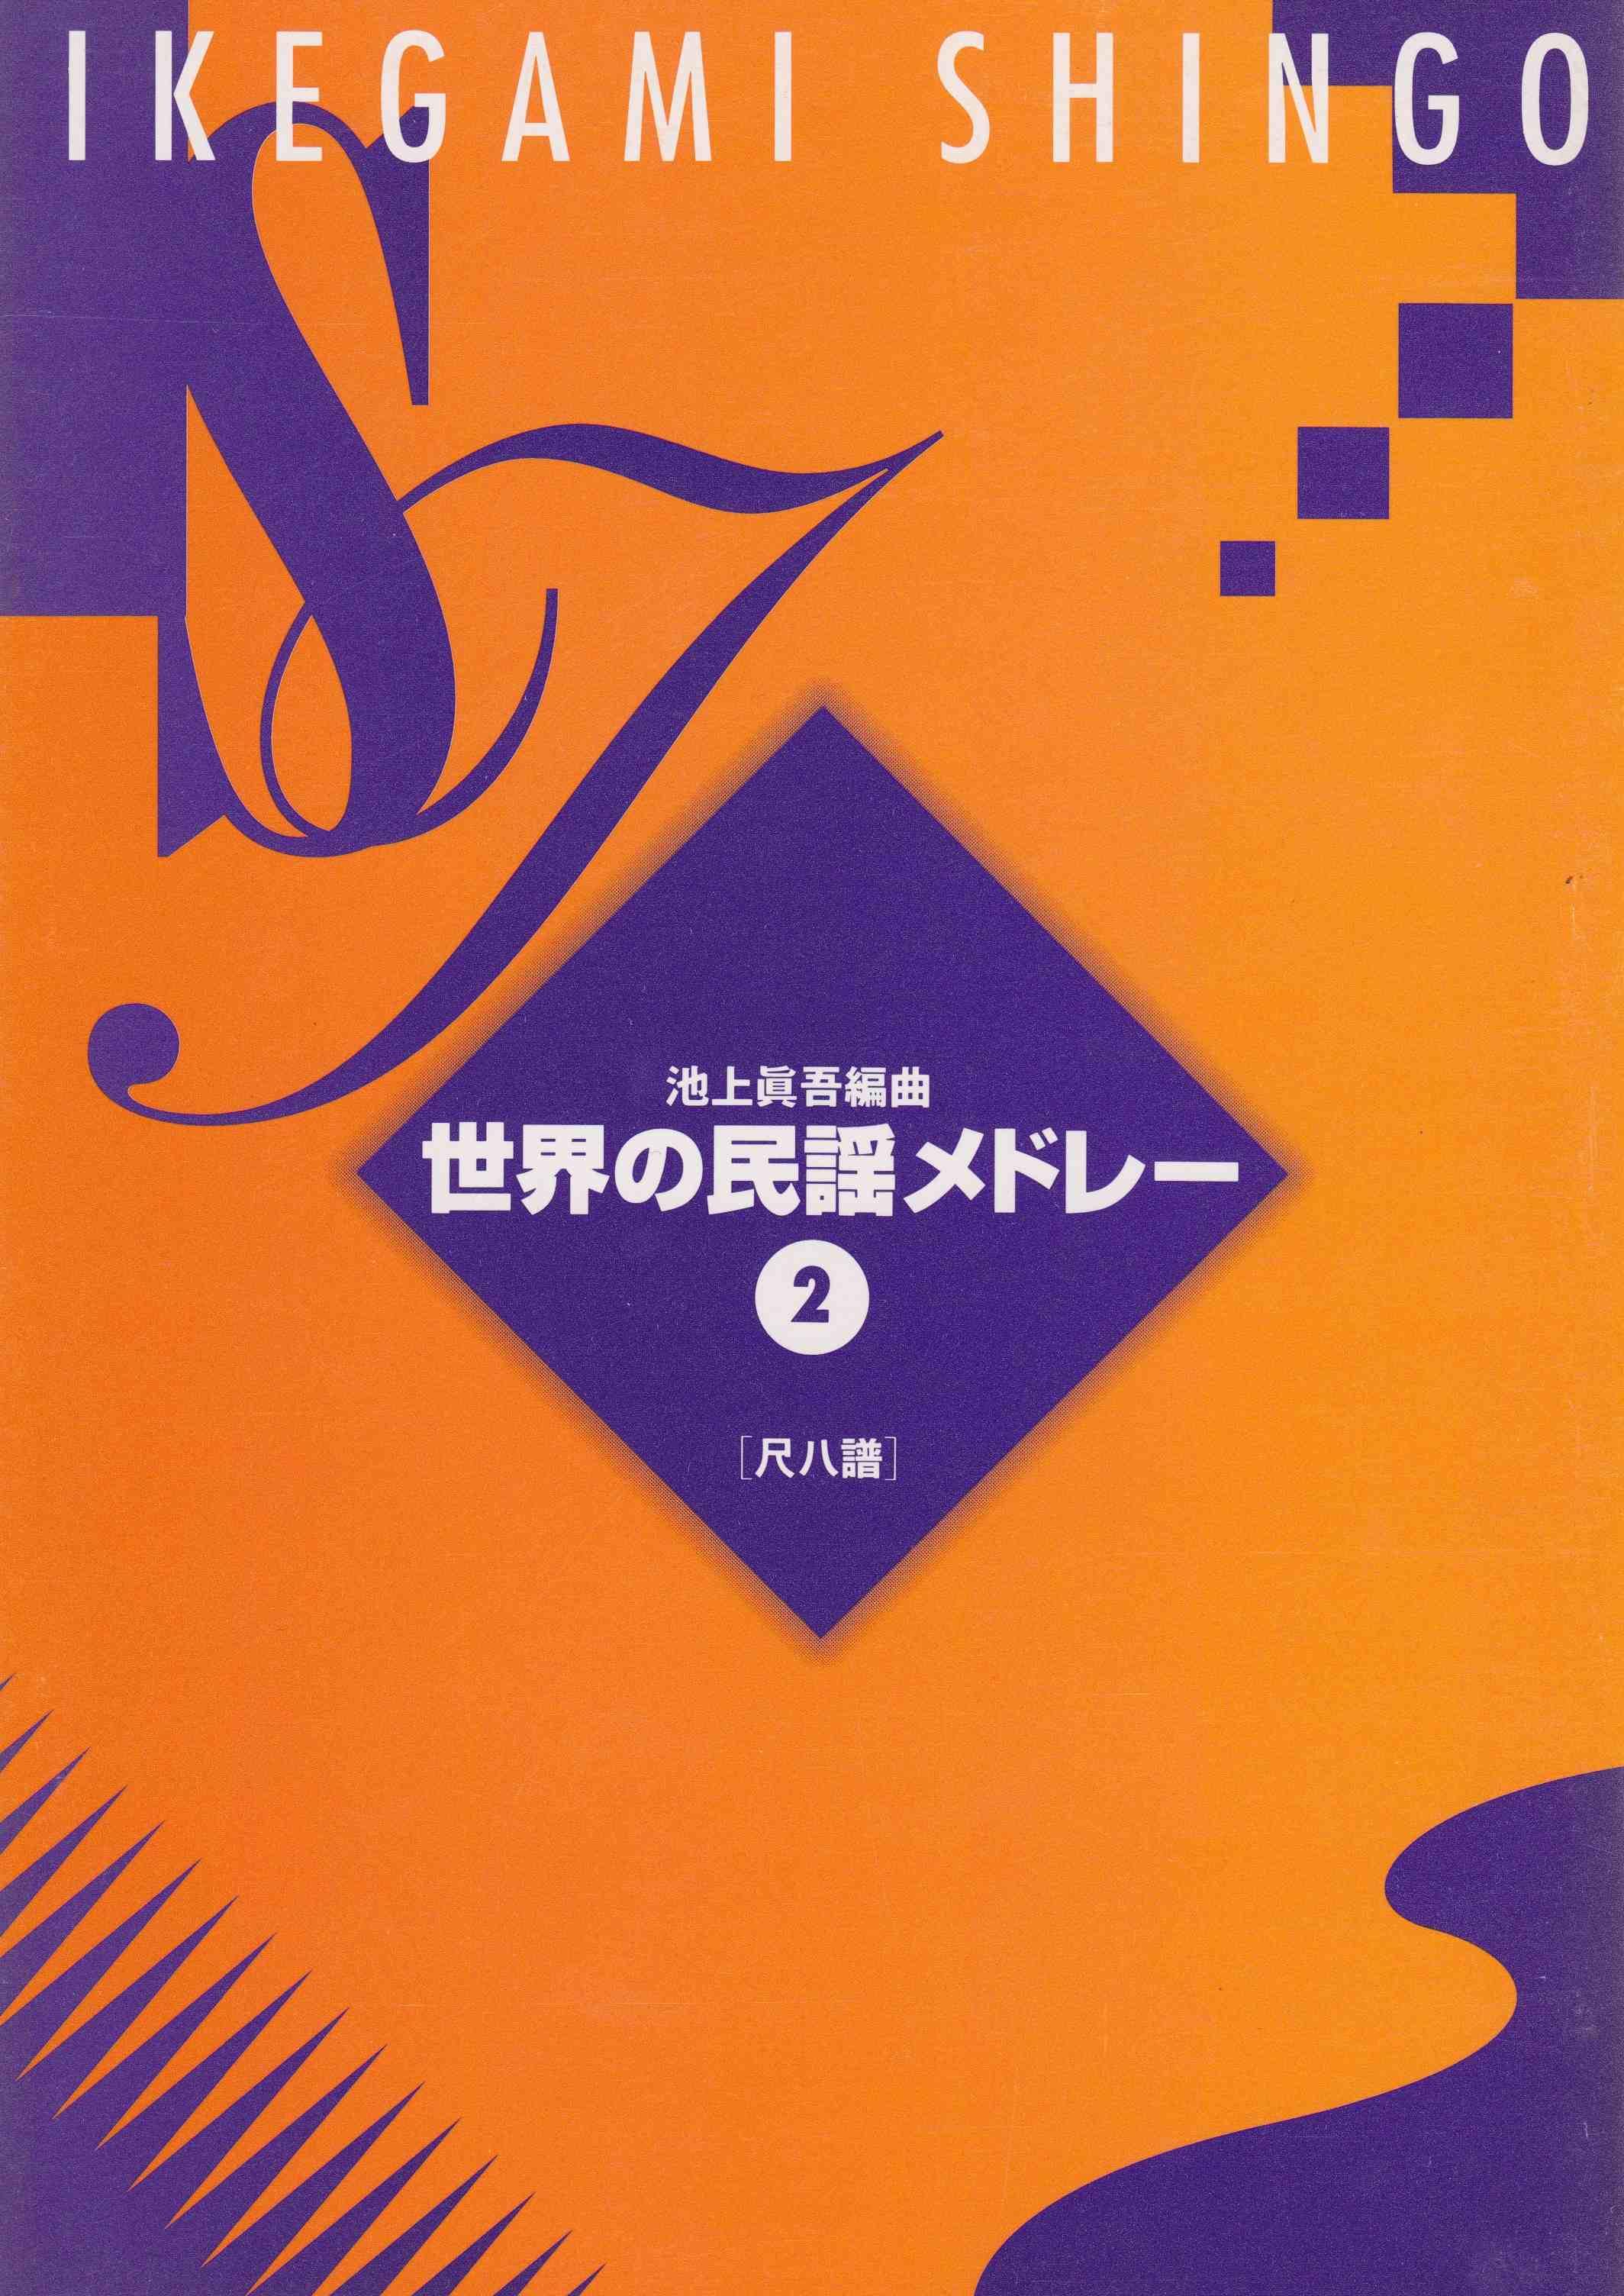 世界の民謡メドレーII(尺八譜)[5107-2]